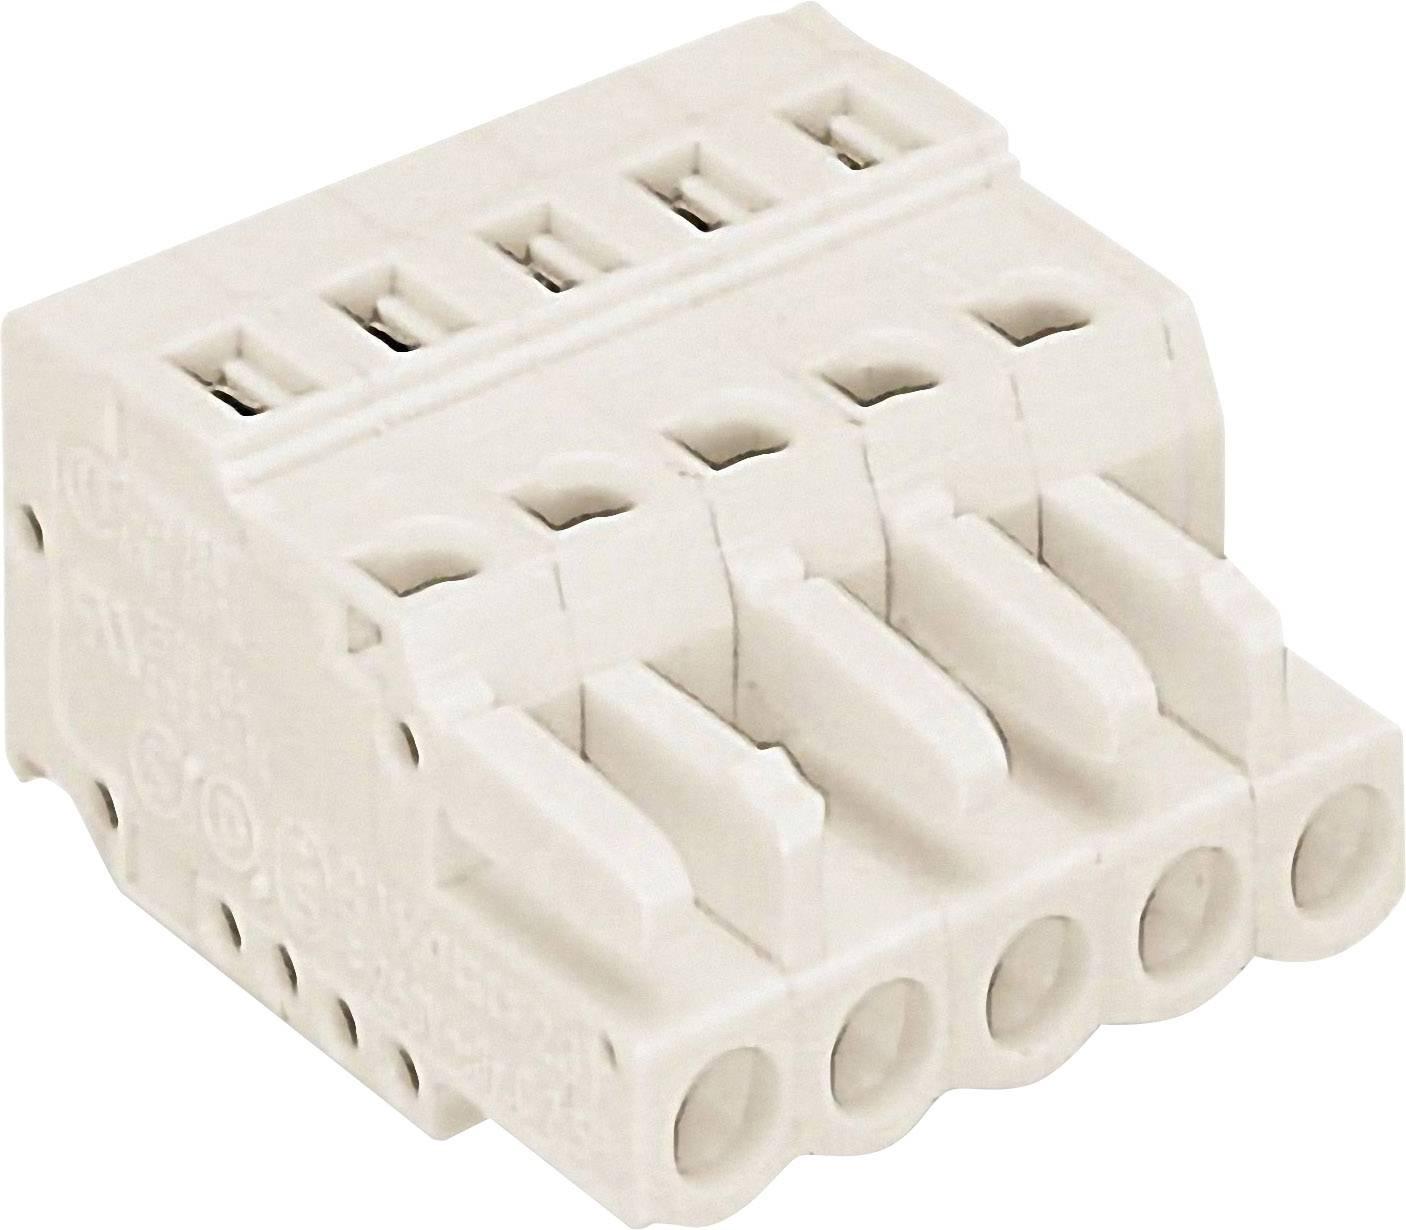 Zásuvkové púzdro na kábel WAGO 721-103/026-000, 26.45 mm, pólů 3, rozteč 5 mm, 1 ks